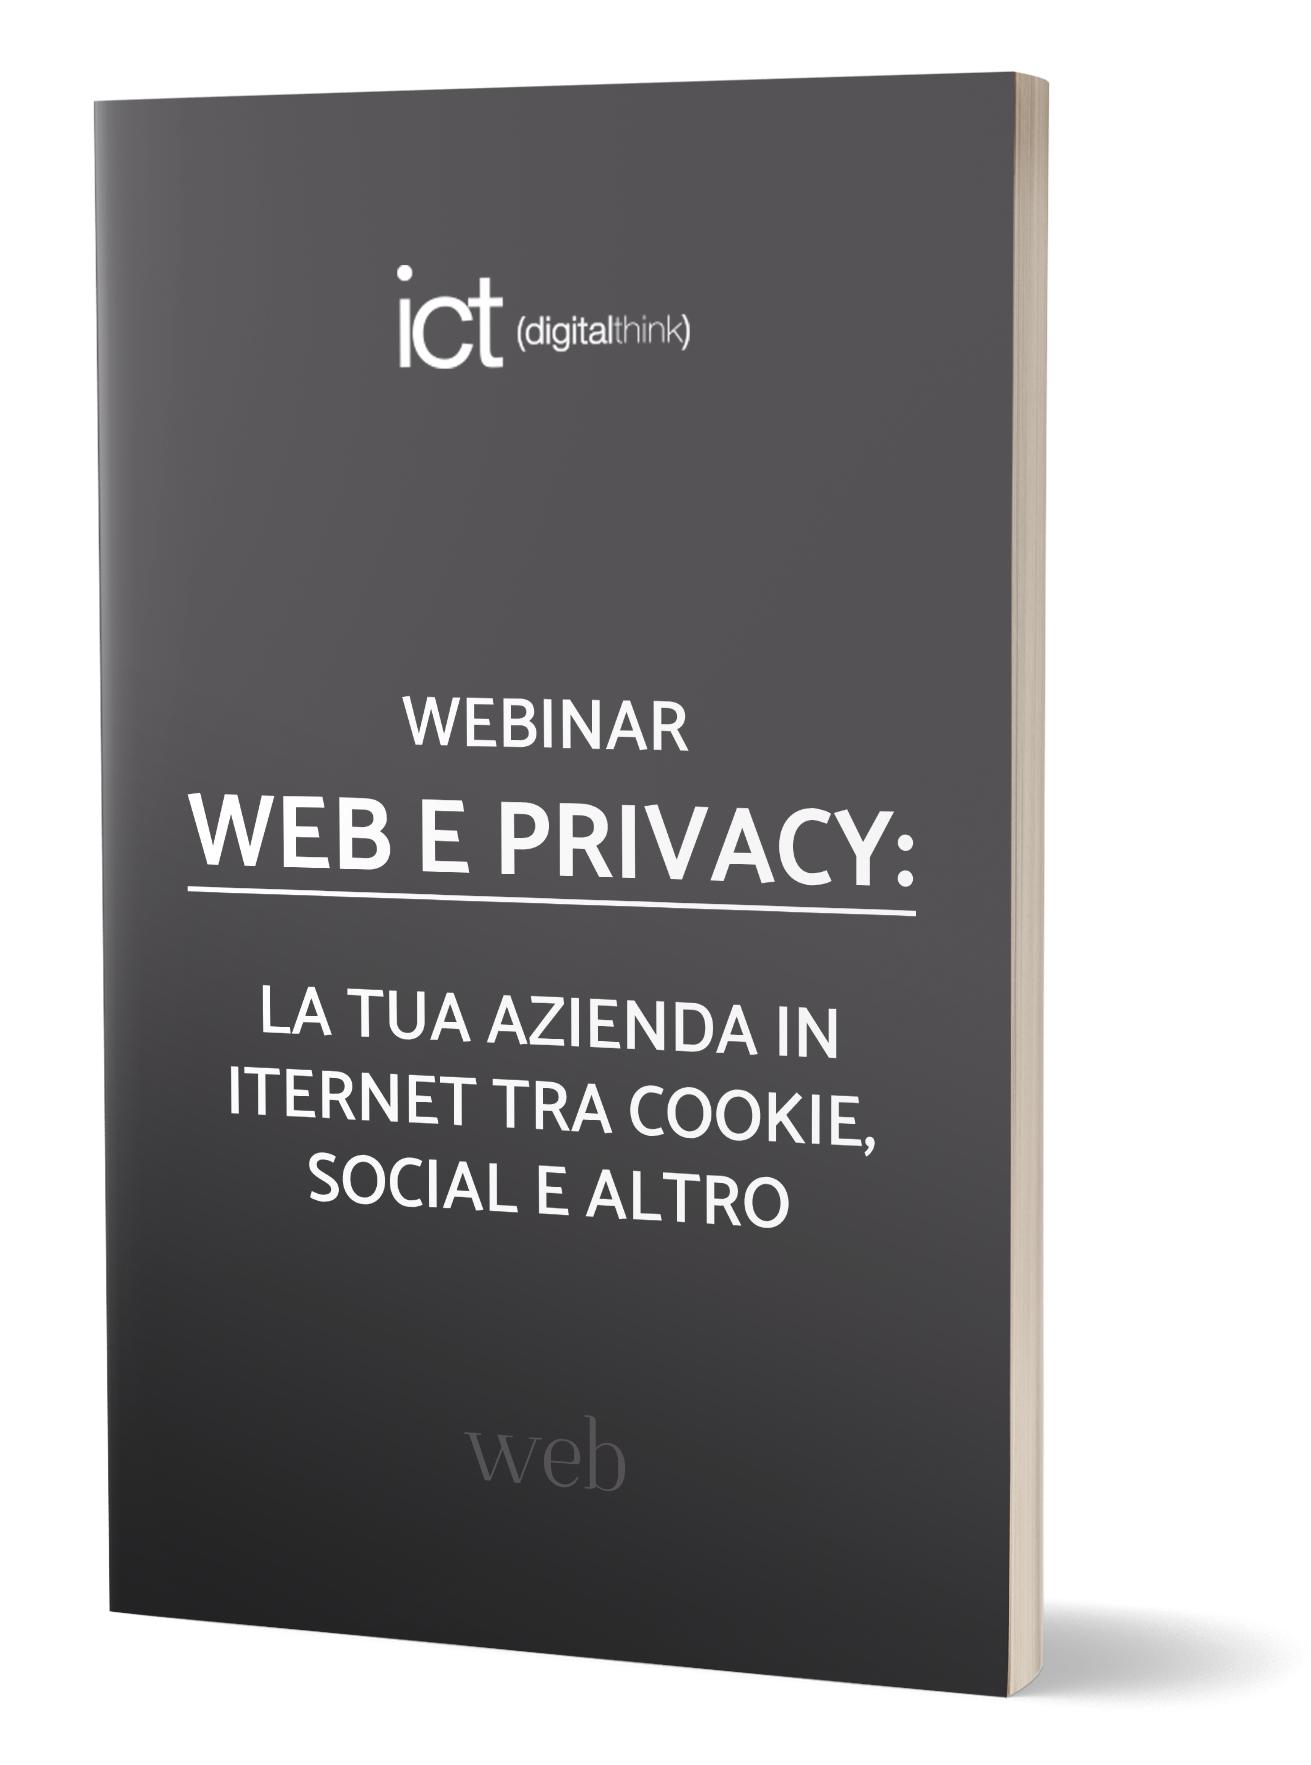 Webinar WEB E PRIVACY: la tua azienda in internet tra cookie, social e altro.